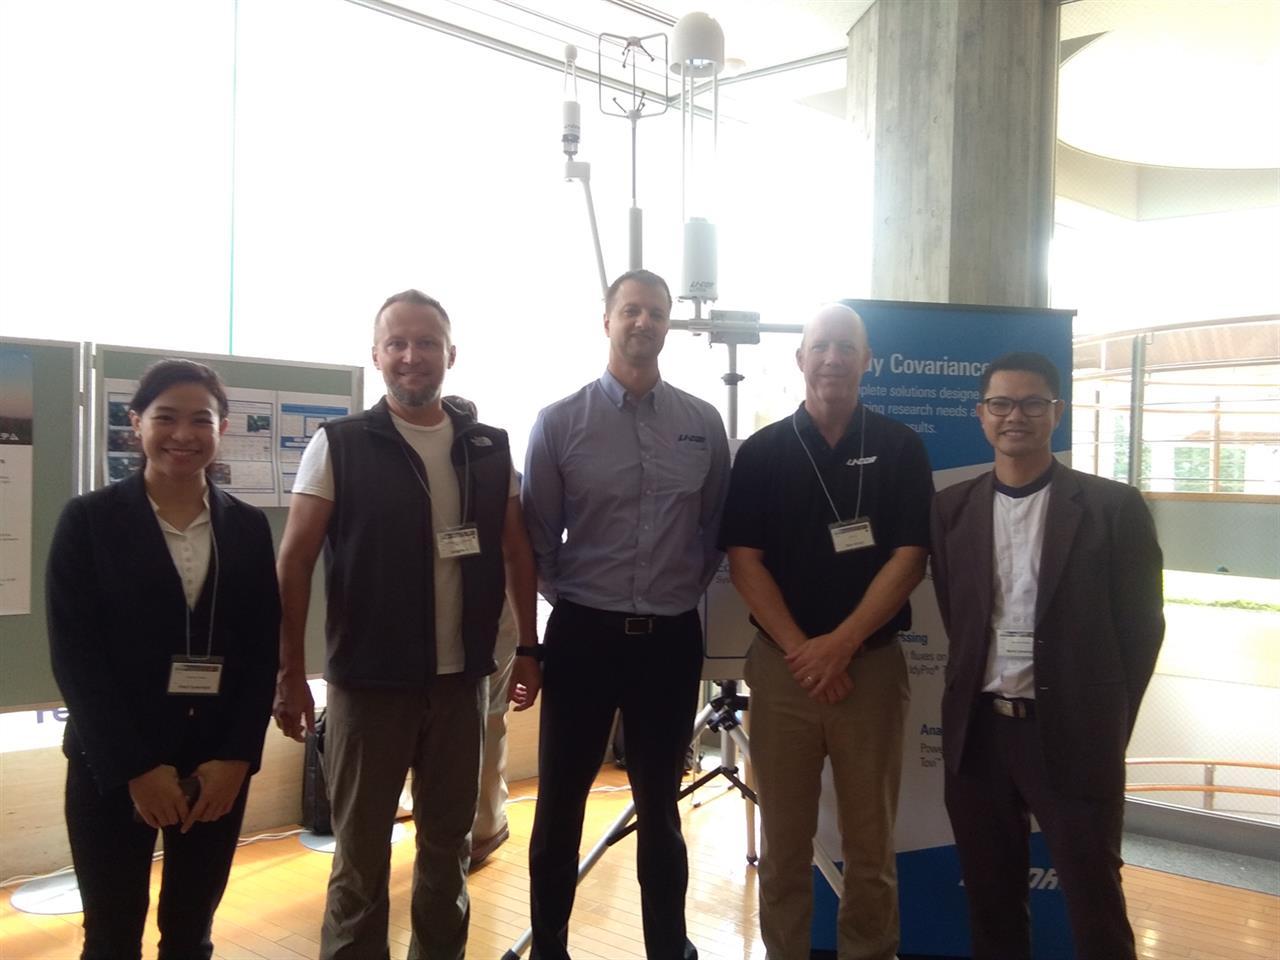 นักวิจัย SEEN เข้าร่วม AsiaFlux Workshop 2019 ณ เมืองทากายาม่า จังหวัดกิฟุ ประเทศญี่ปุ่น